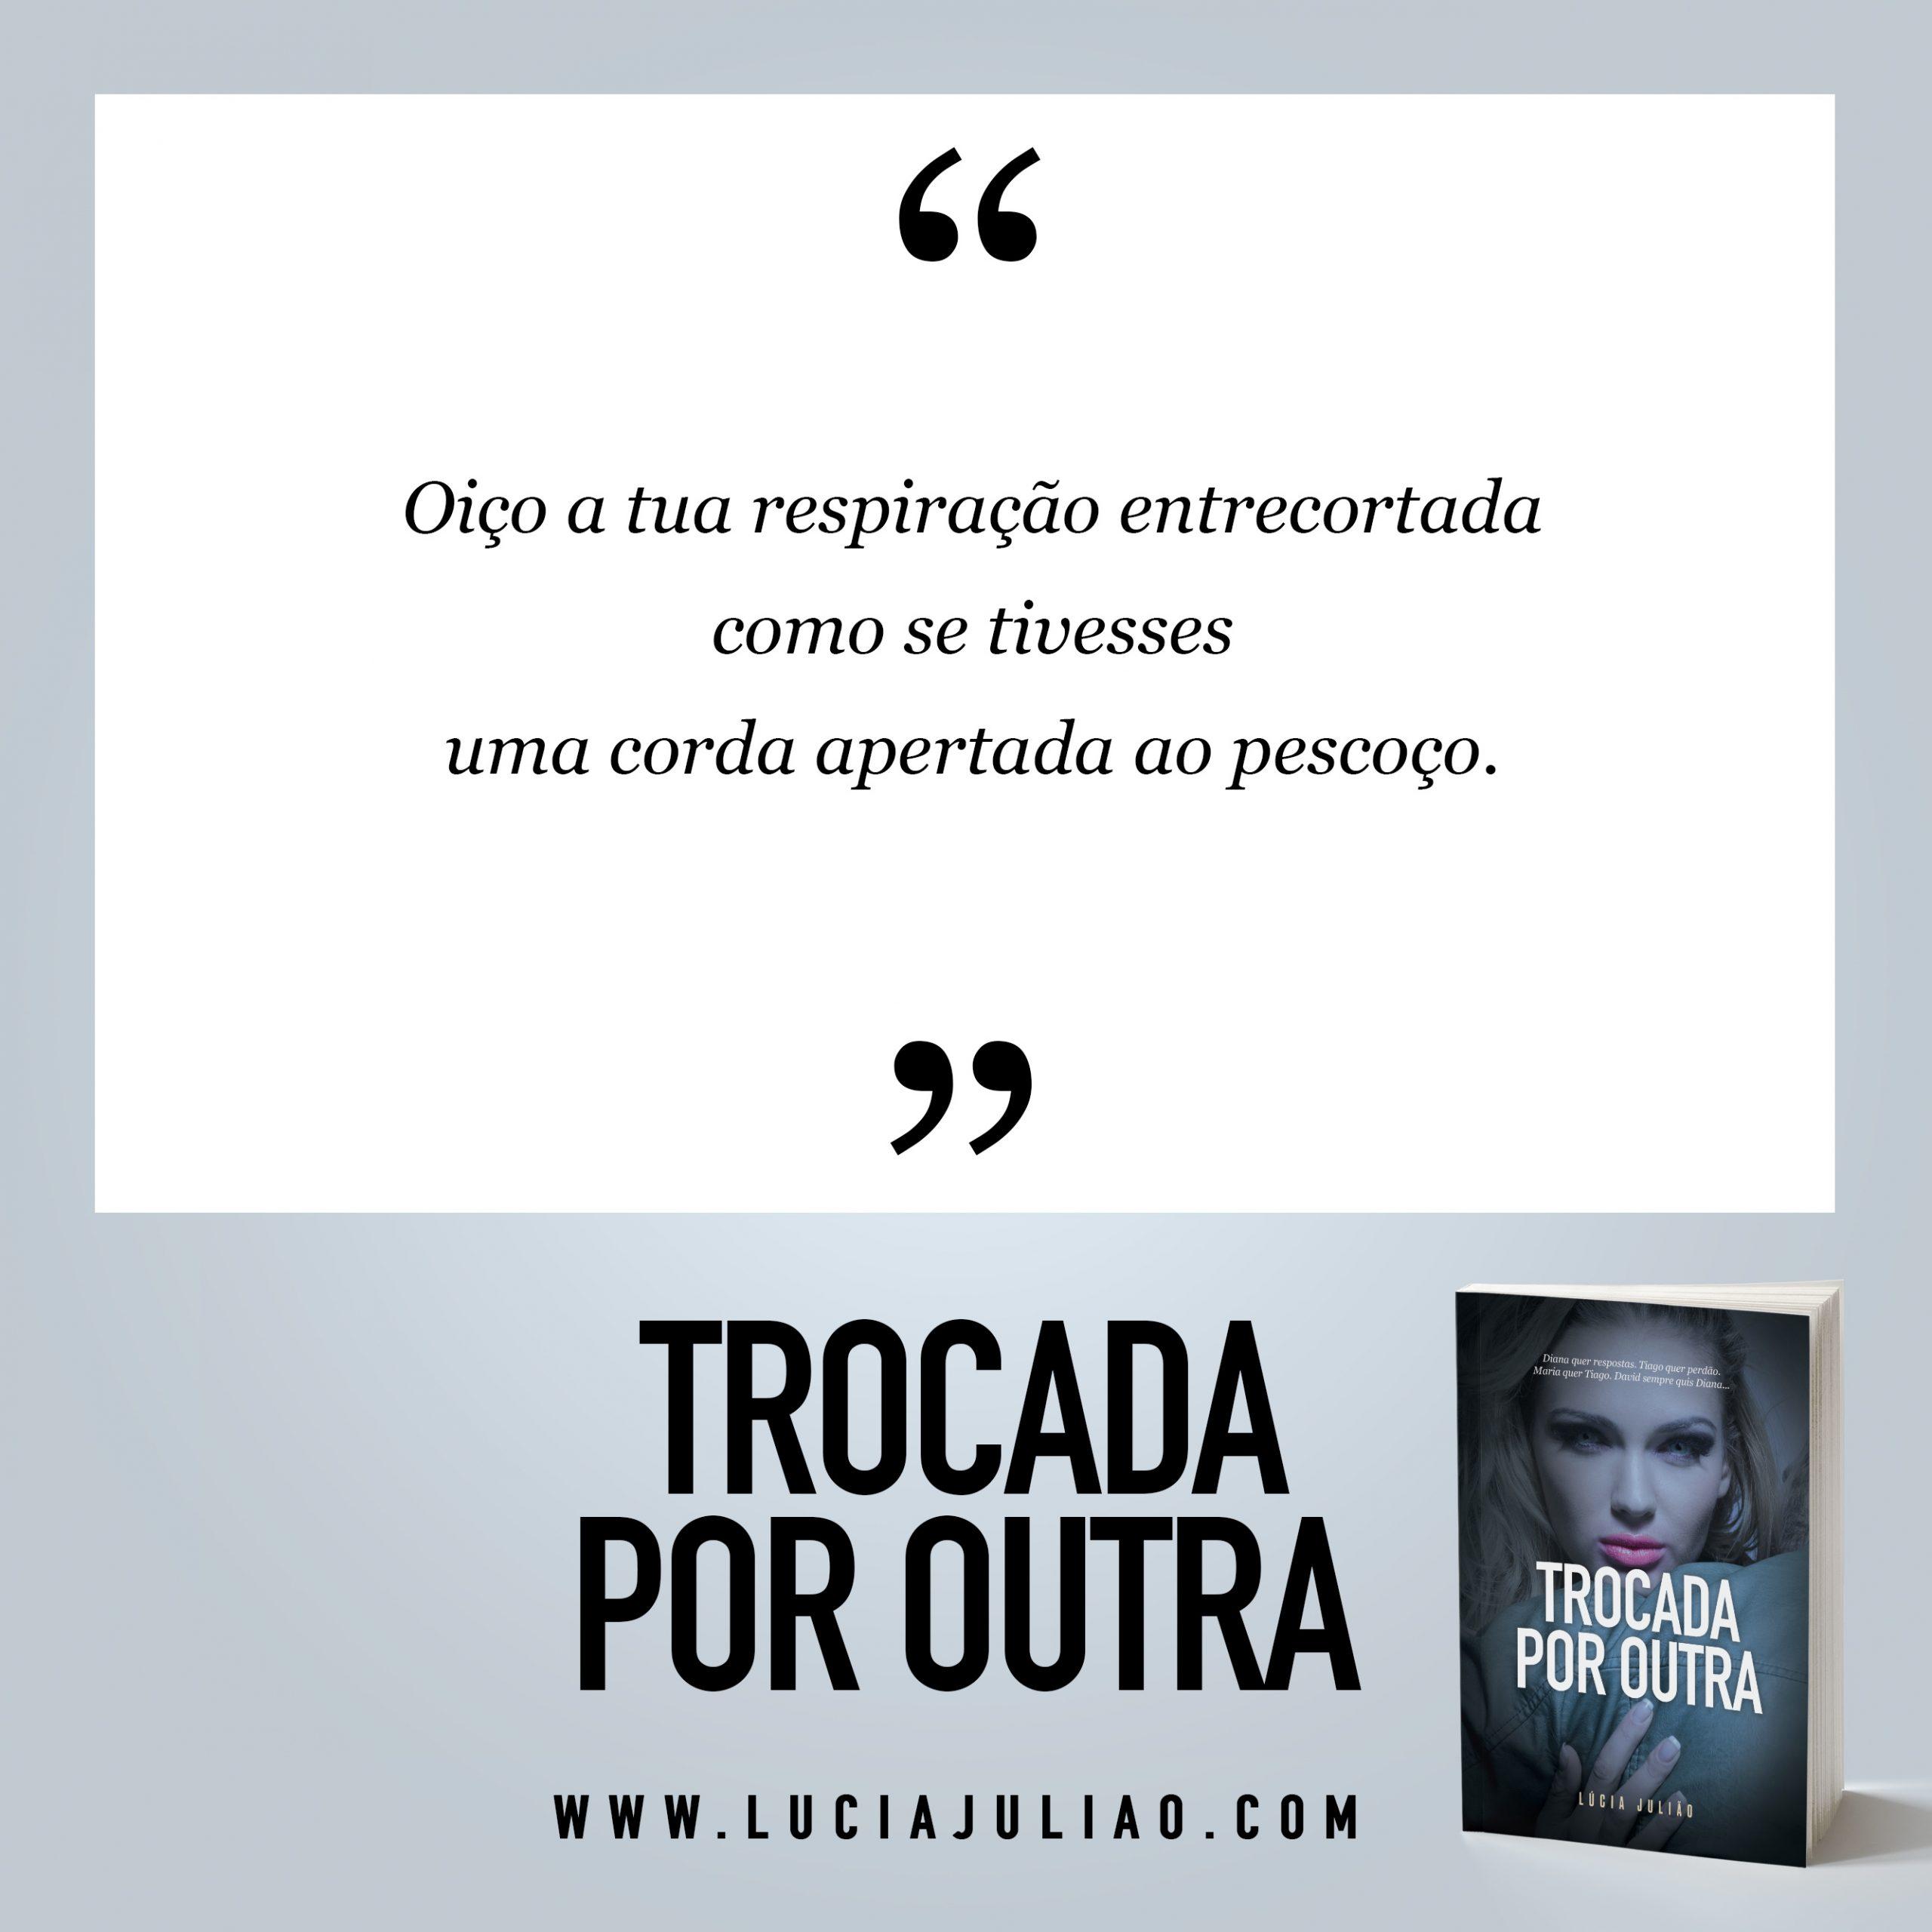 022Q - capítulo 6 - Trocada por outra - Lúcia Julião